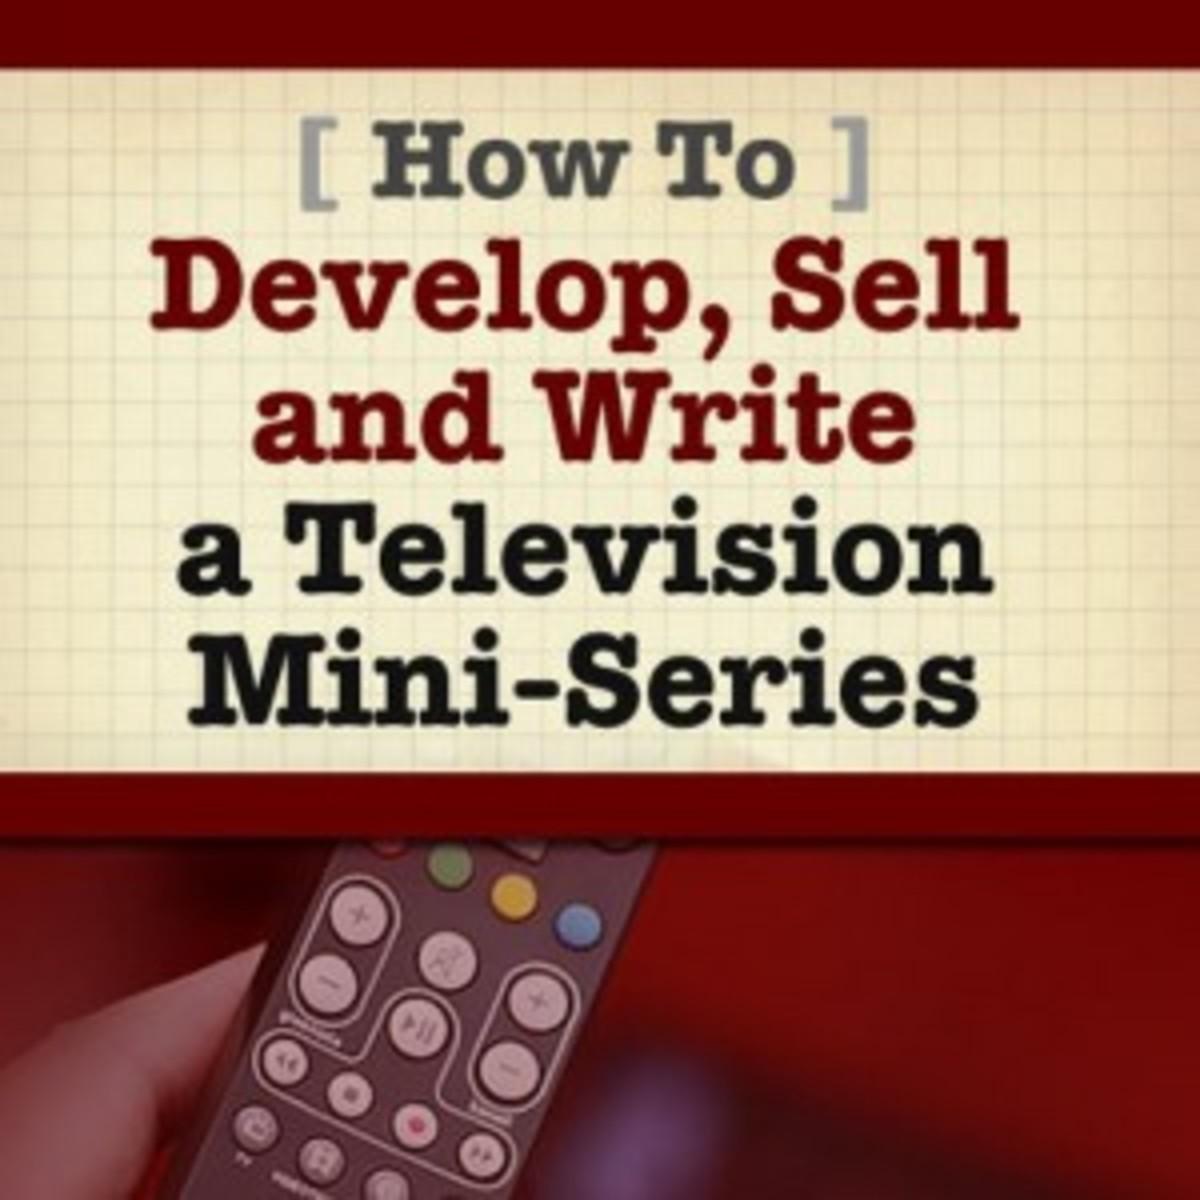 how-to-mini-series_medium